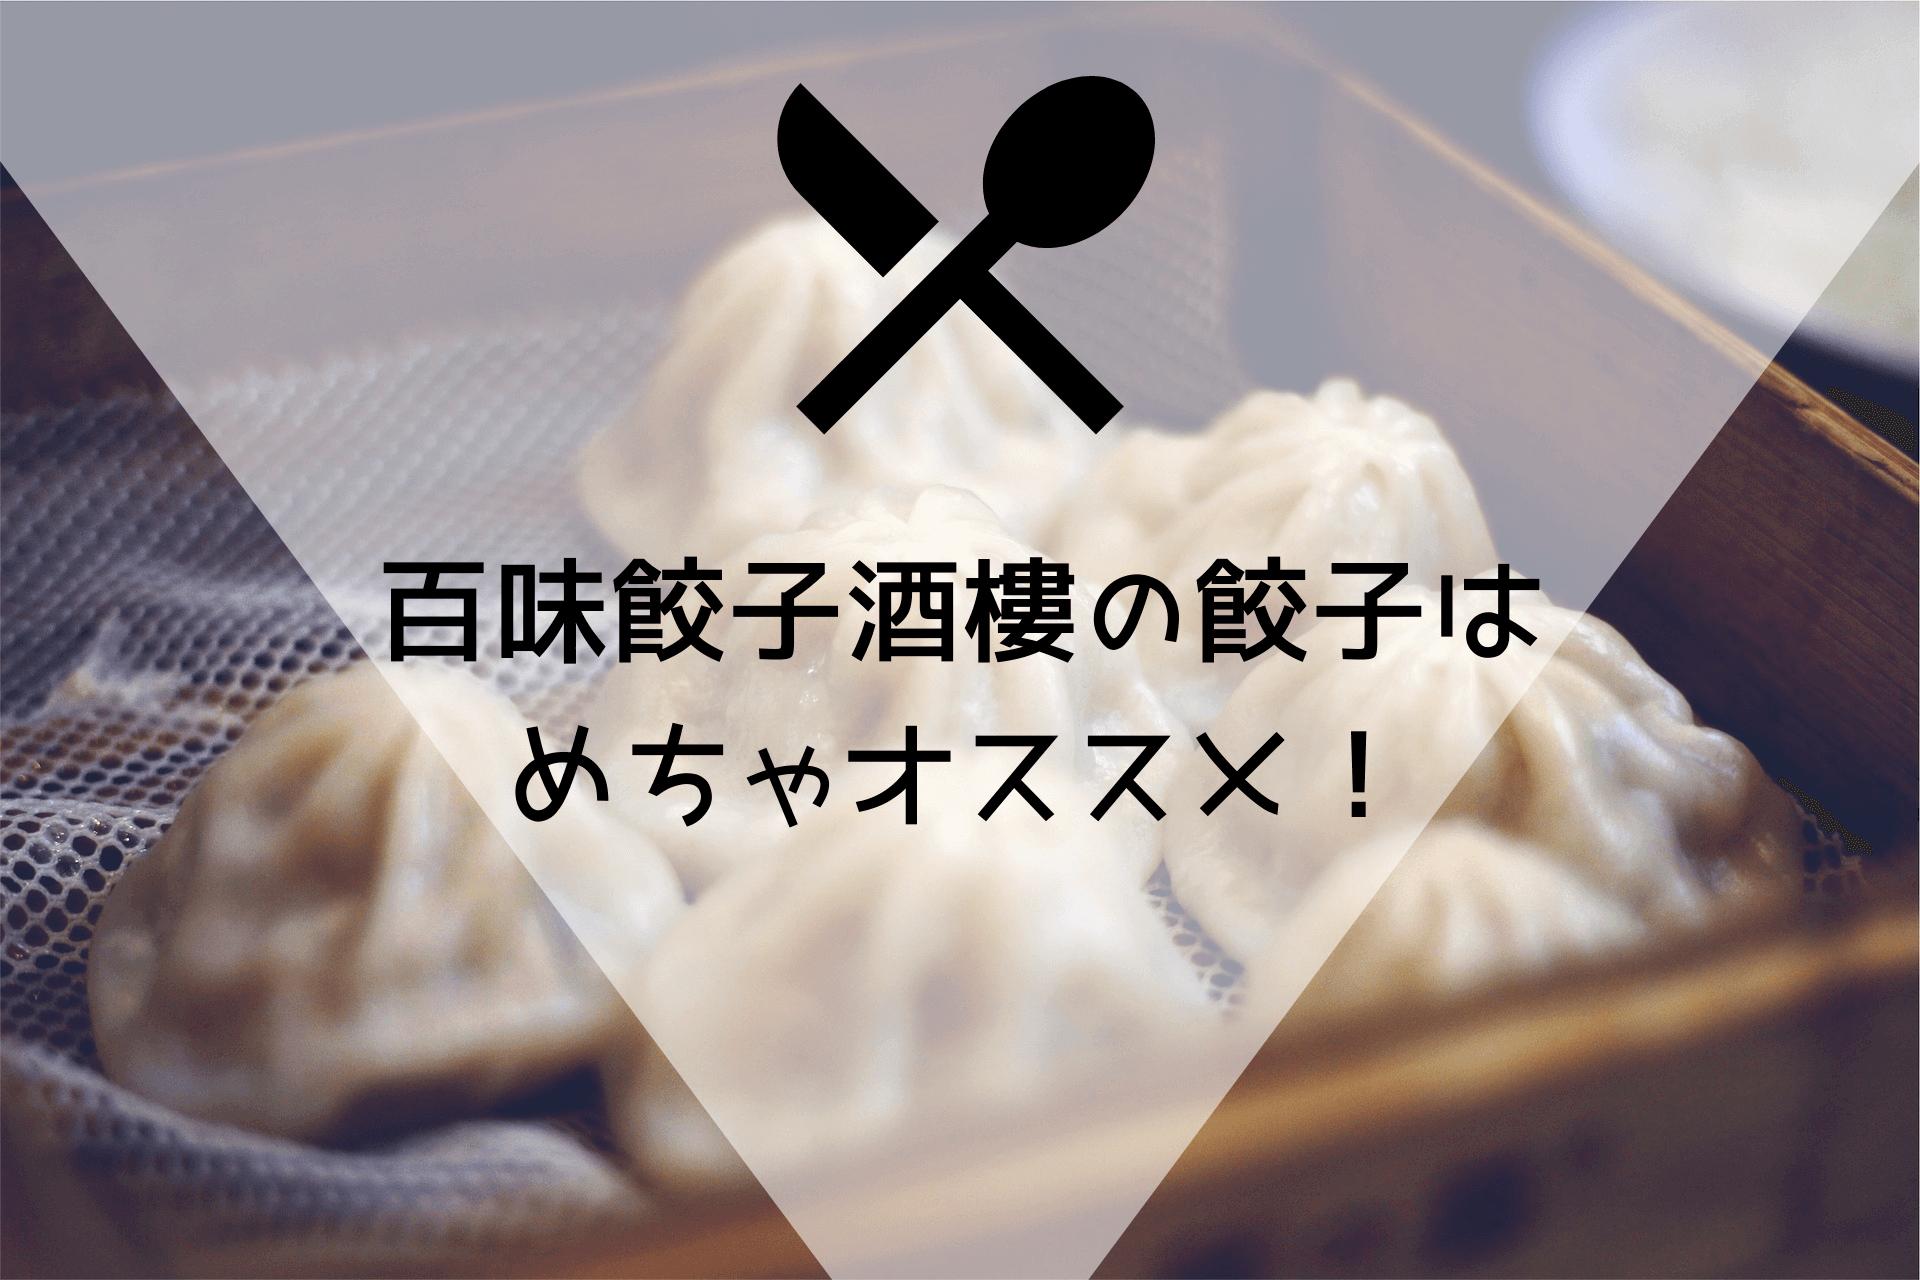 百味餃子酒樓の餃子は めちゃオススメ (1)